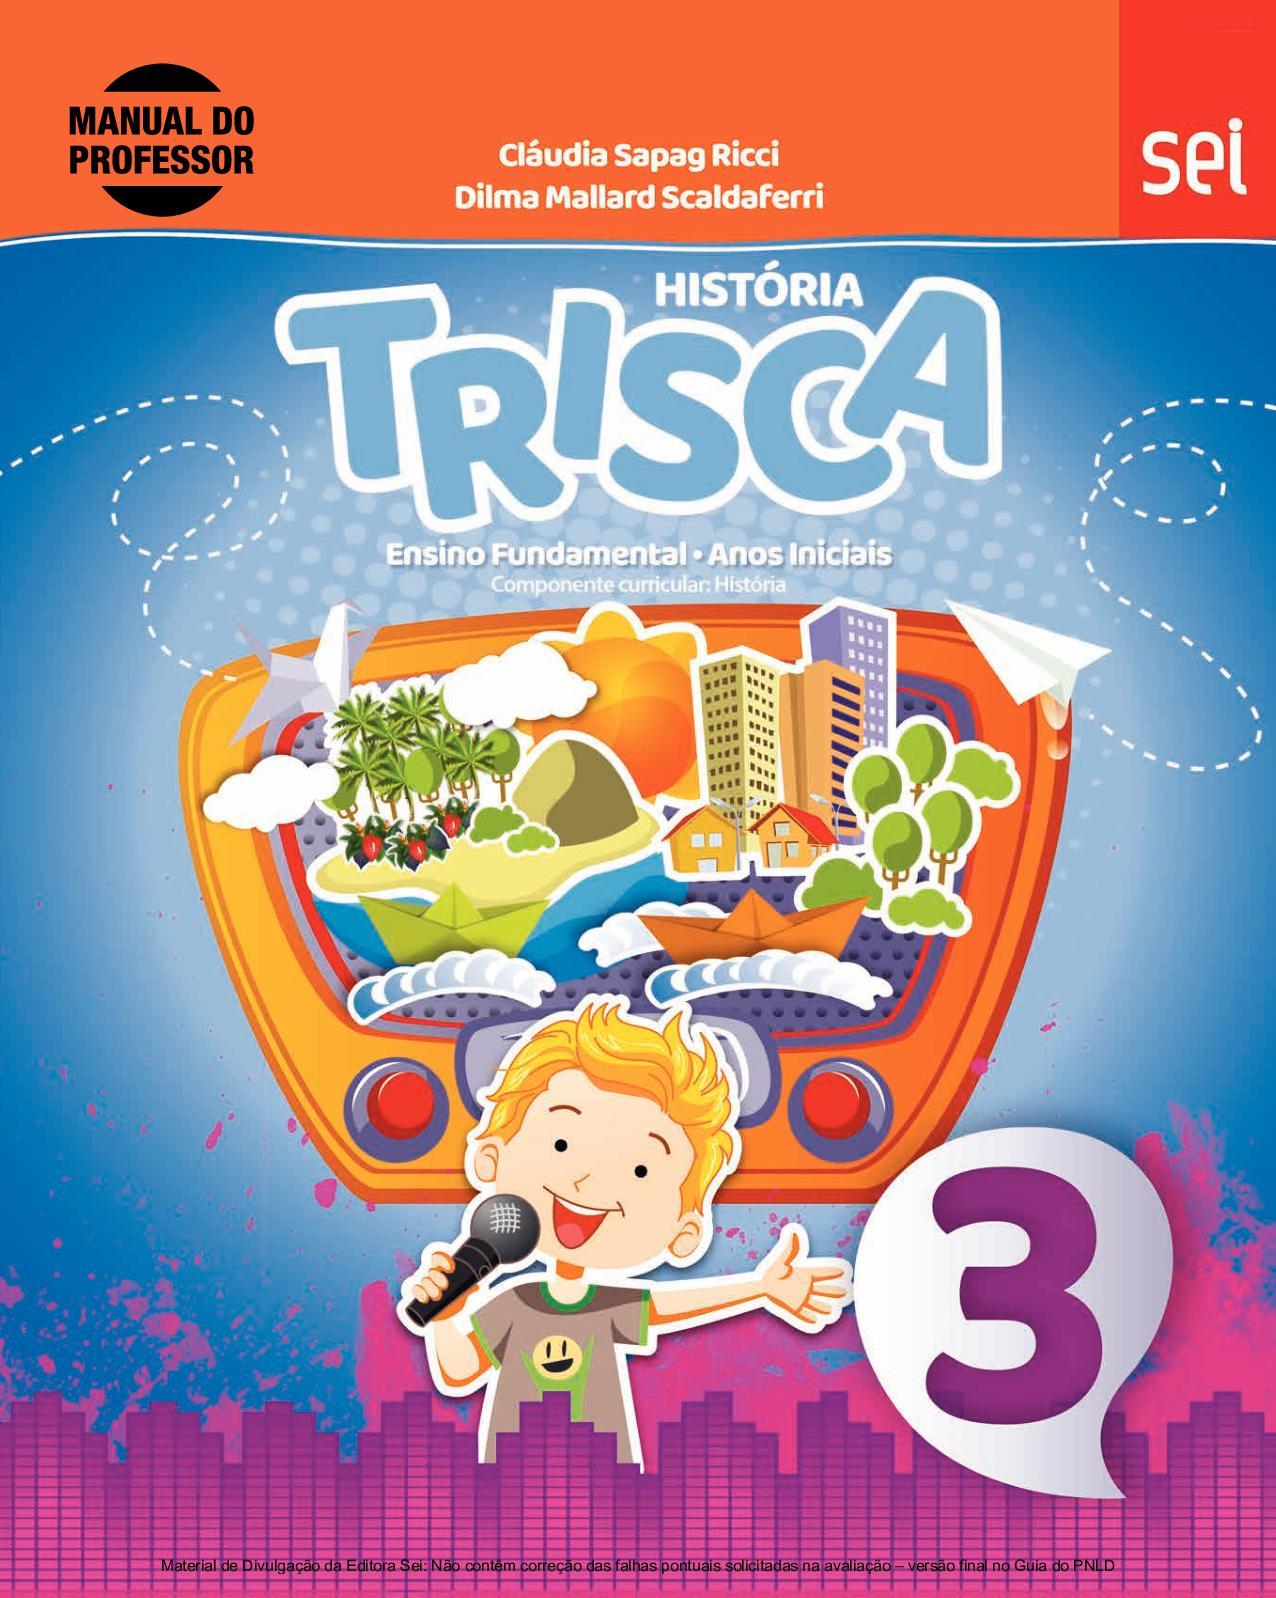 7060a6995305 Calaméo - Coleção Trisca - História - Volume 3º ano PROFESSOR